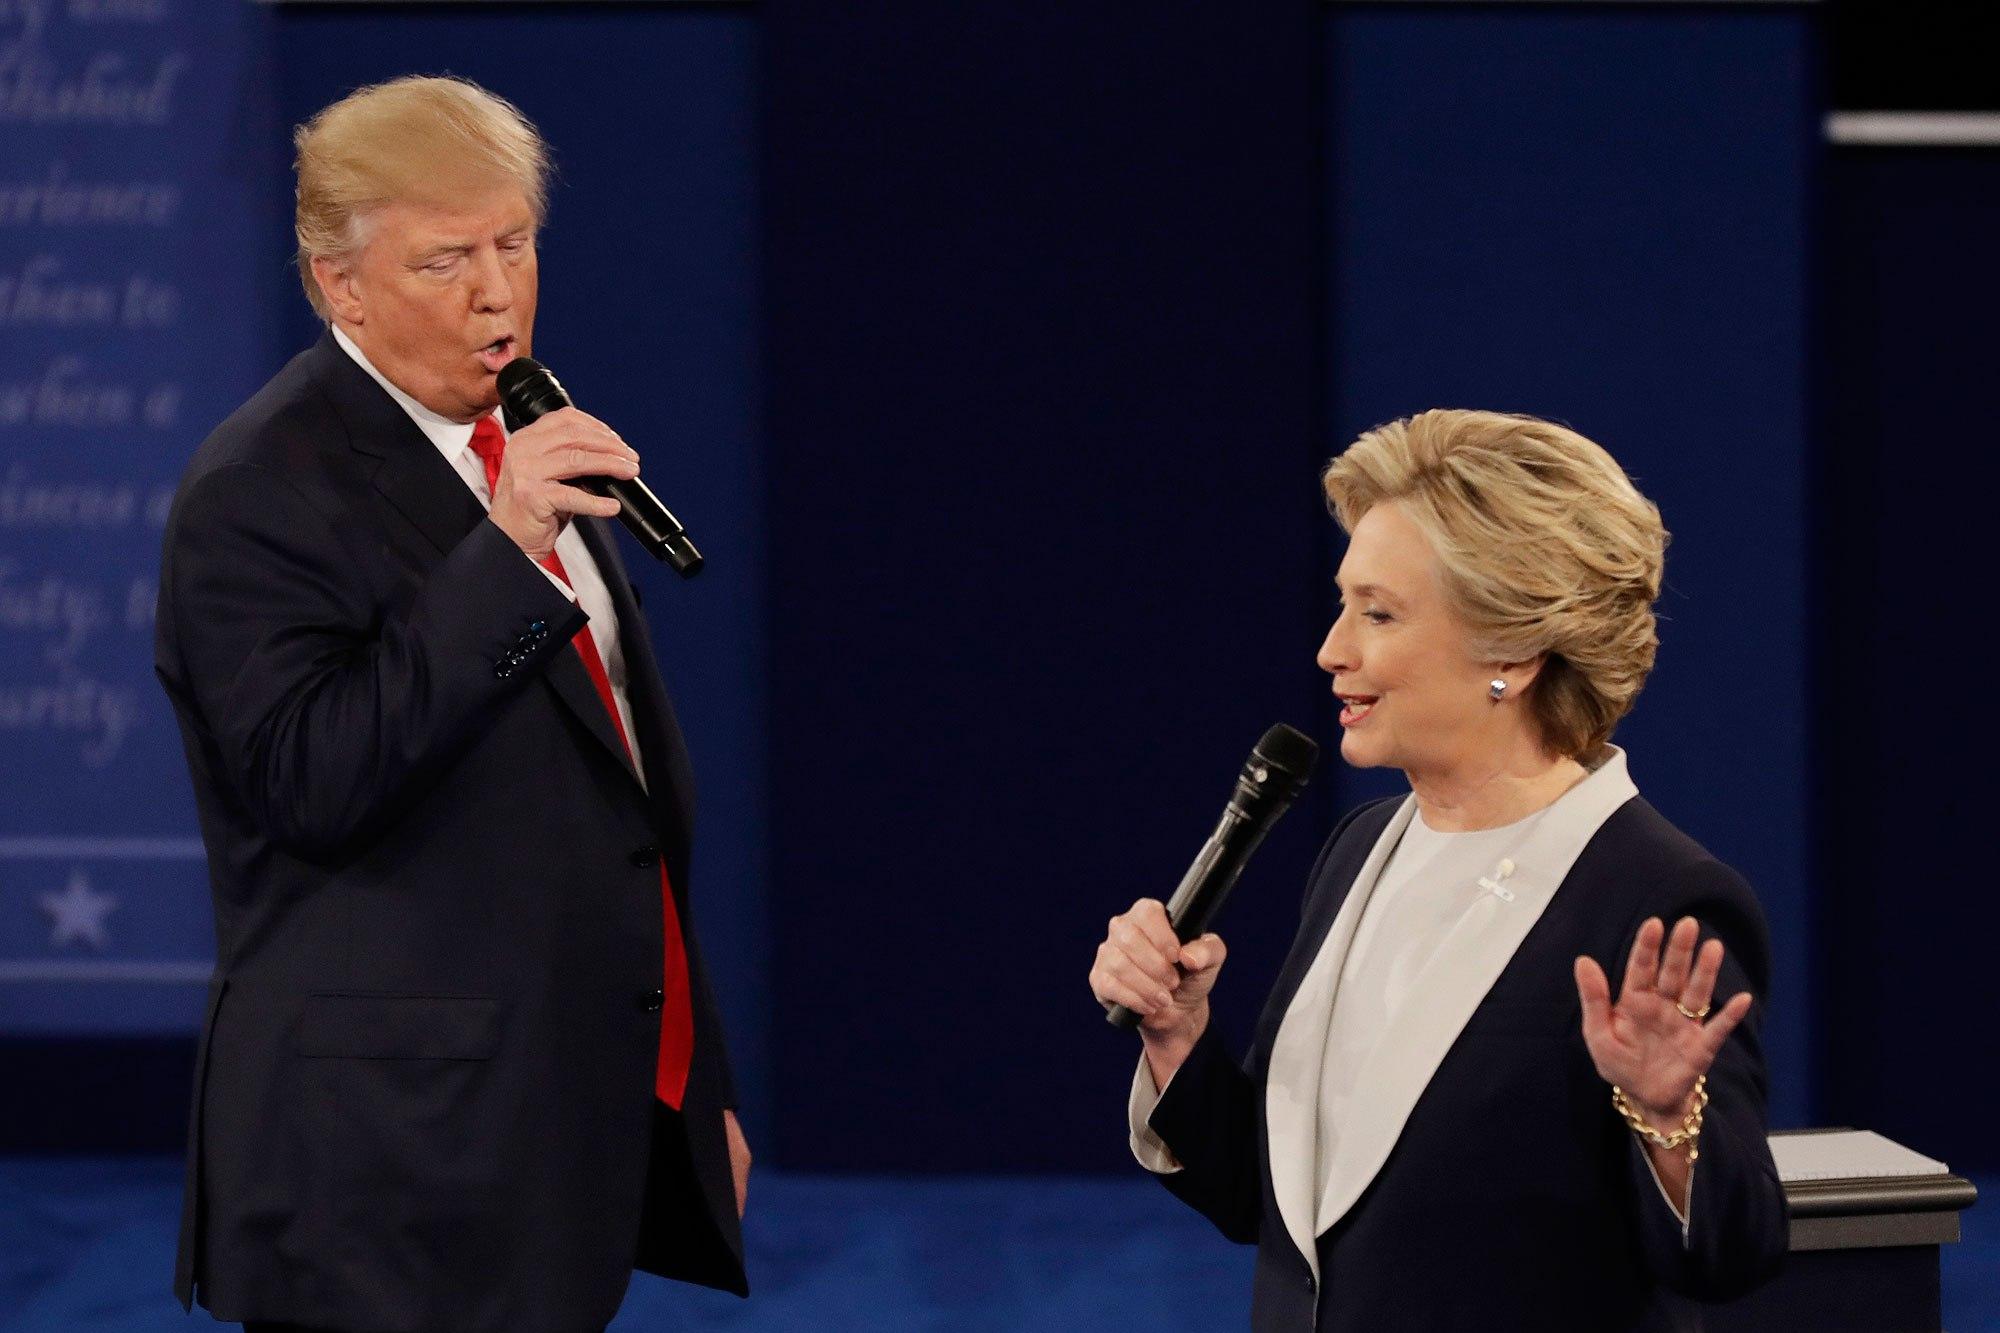 حملة الانتخابات الرئاسية 2016 وأزمة السياسة الخارجية الأميركية (2-1)